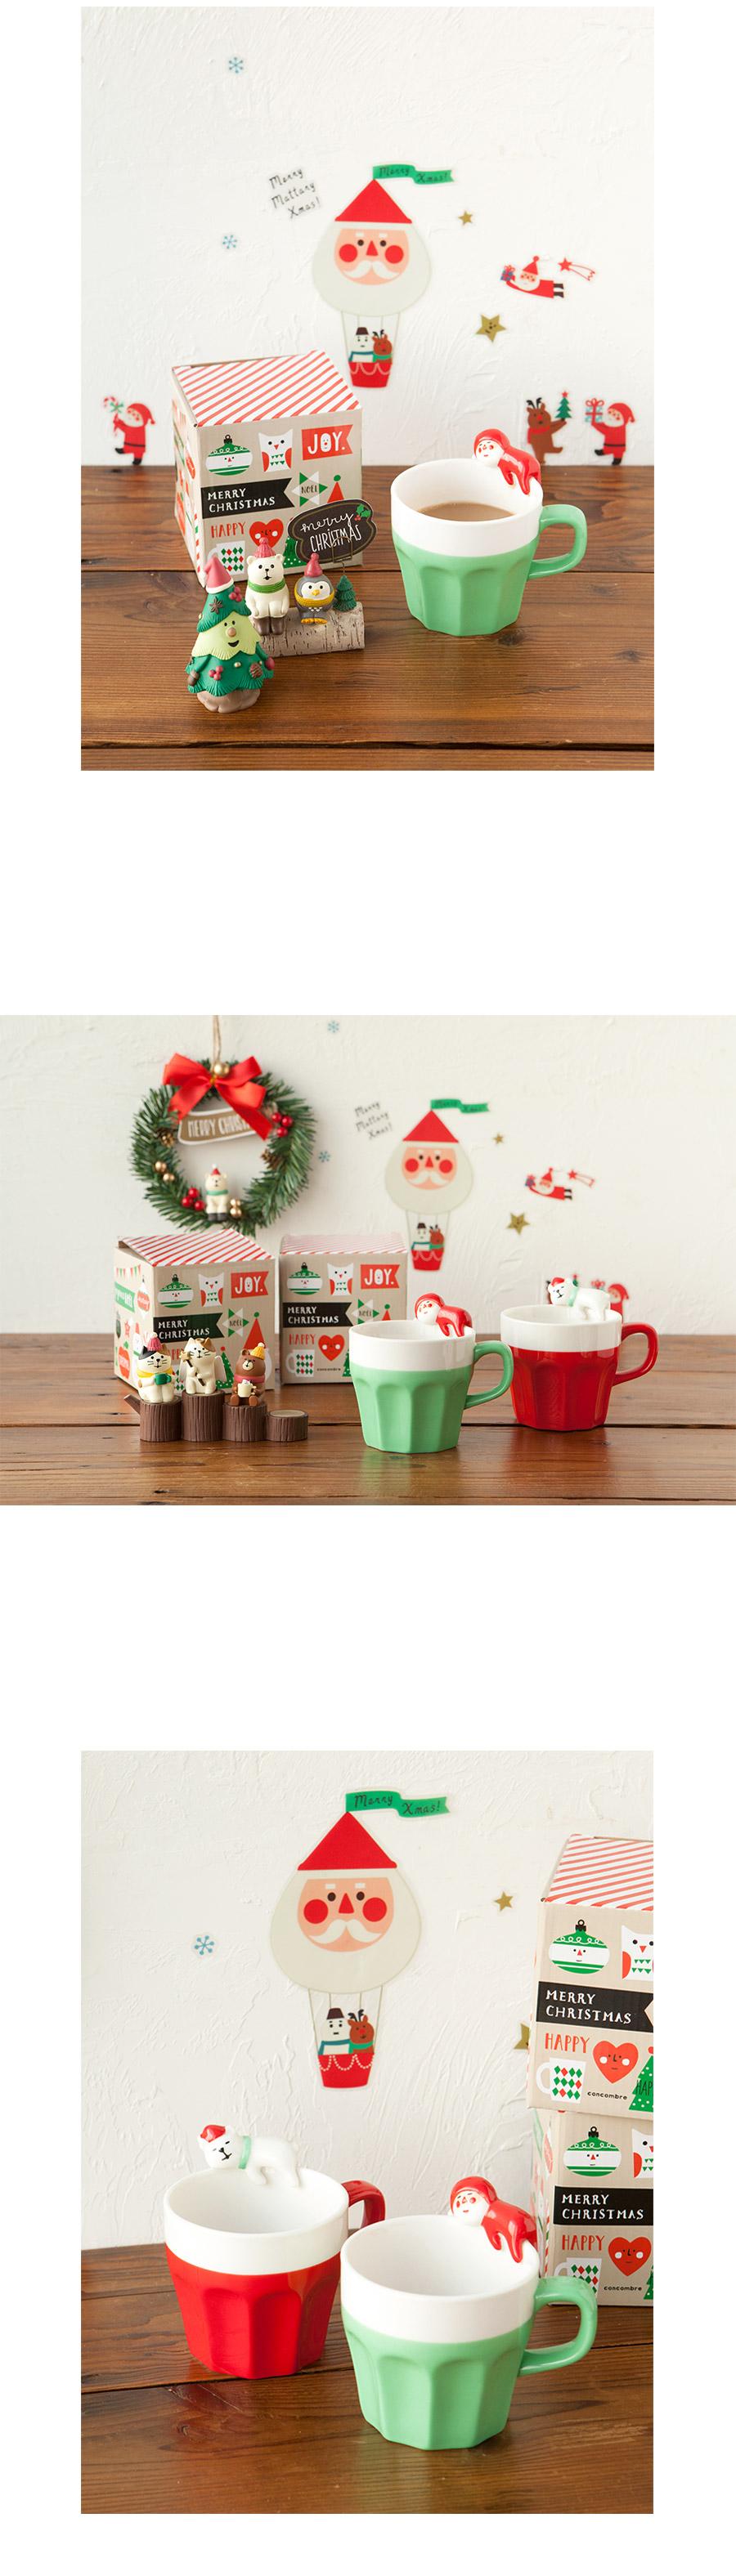 데꼴 크리스마스 낮잠 산타 머그21,700원-탑베이킹주방/푸드, 주방식기, 머그컵, 일러스트머그바보사랑데꼴 크리스마스 낮잠 산타 머그21,700원-탑베이킹주방/푸드, 주방식기, 머그컵, 일러스트머그바보사랑